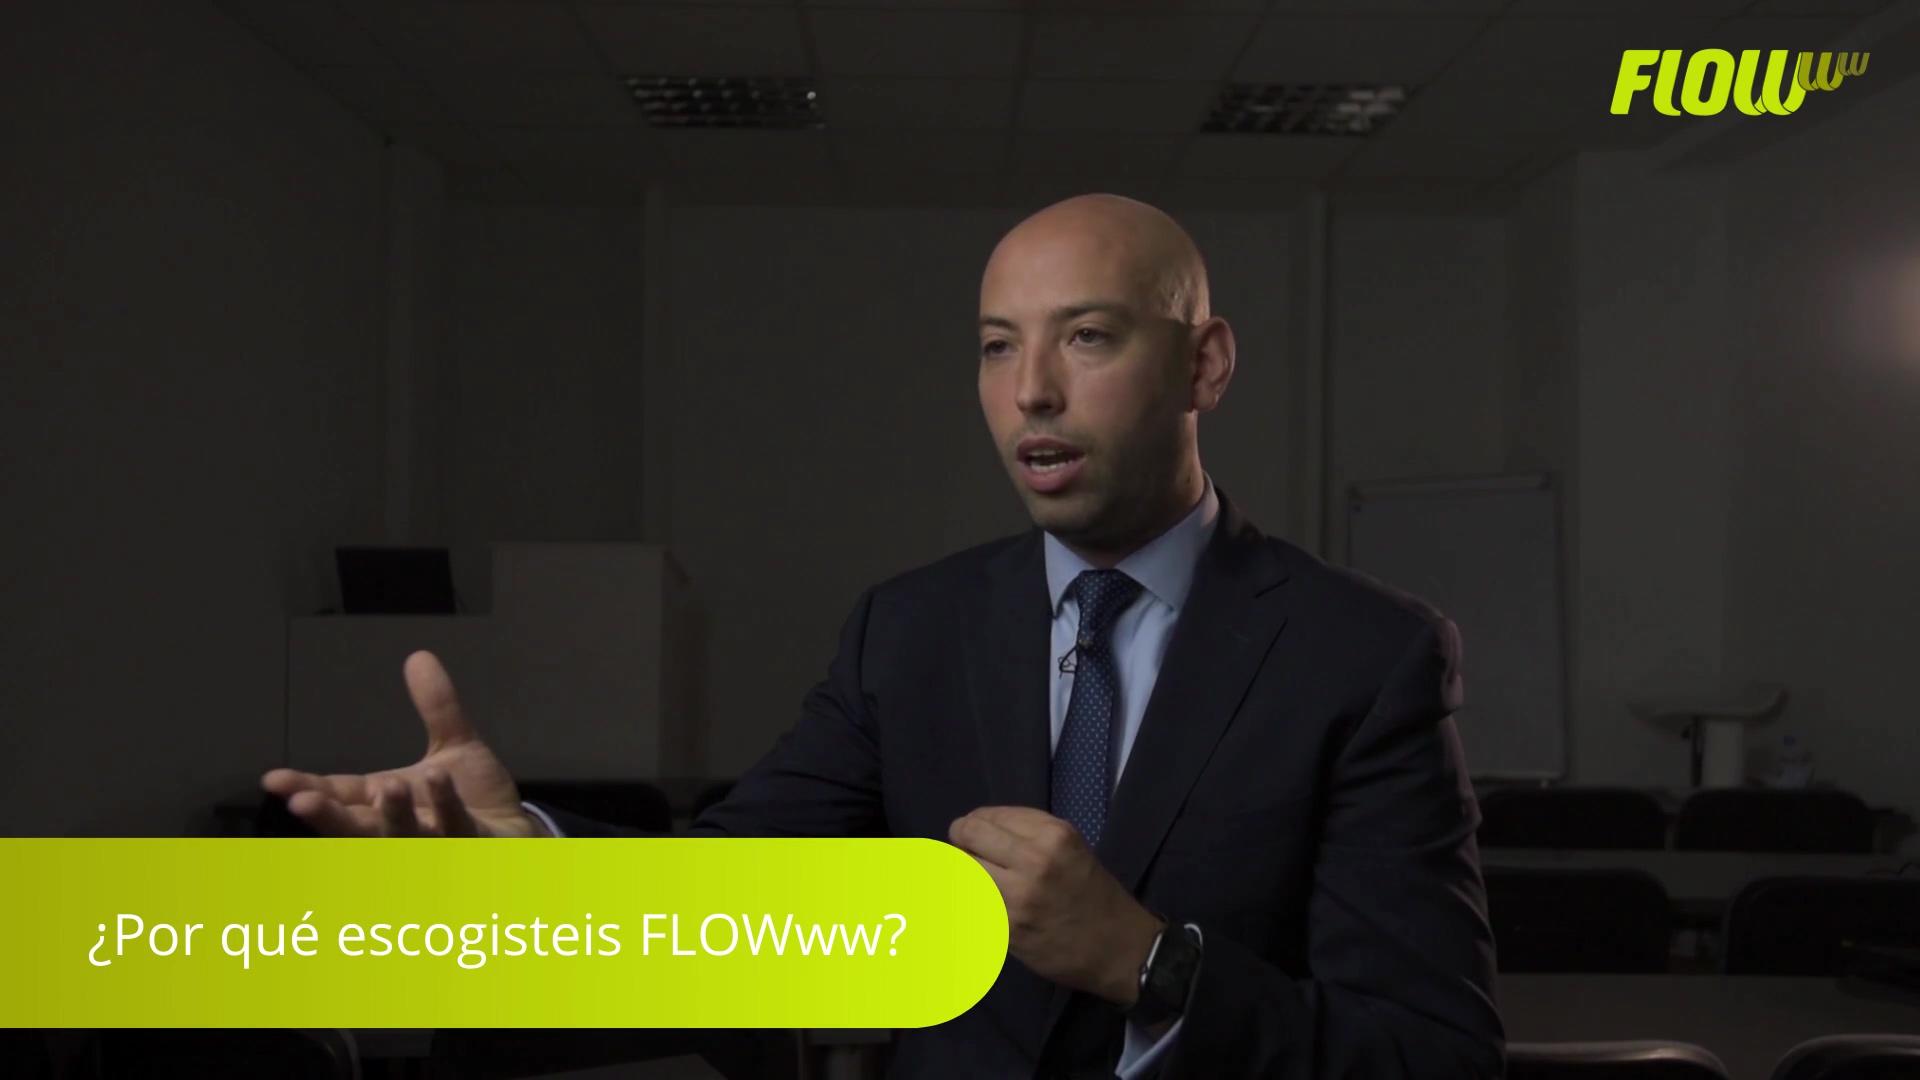 Dermasana - Como conocieron FLOWww.mp4